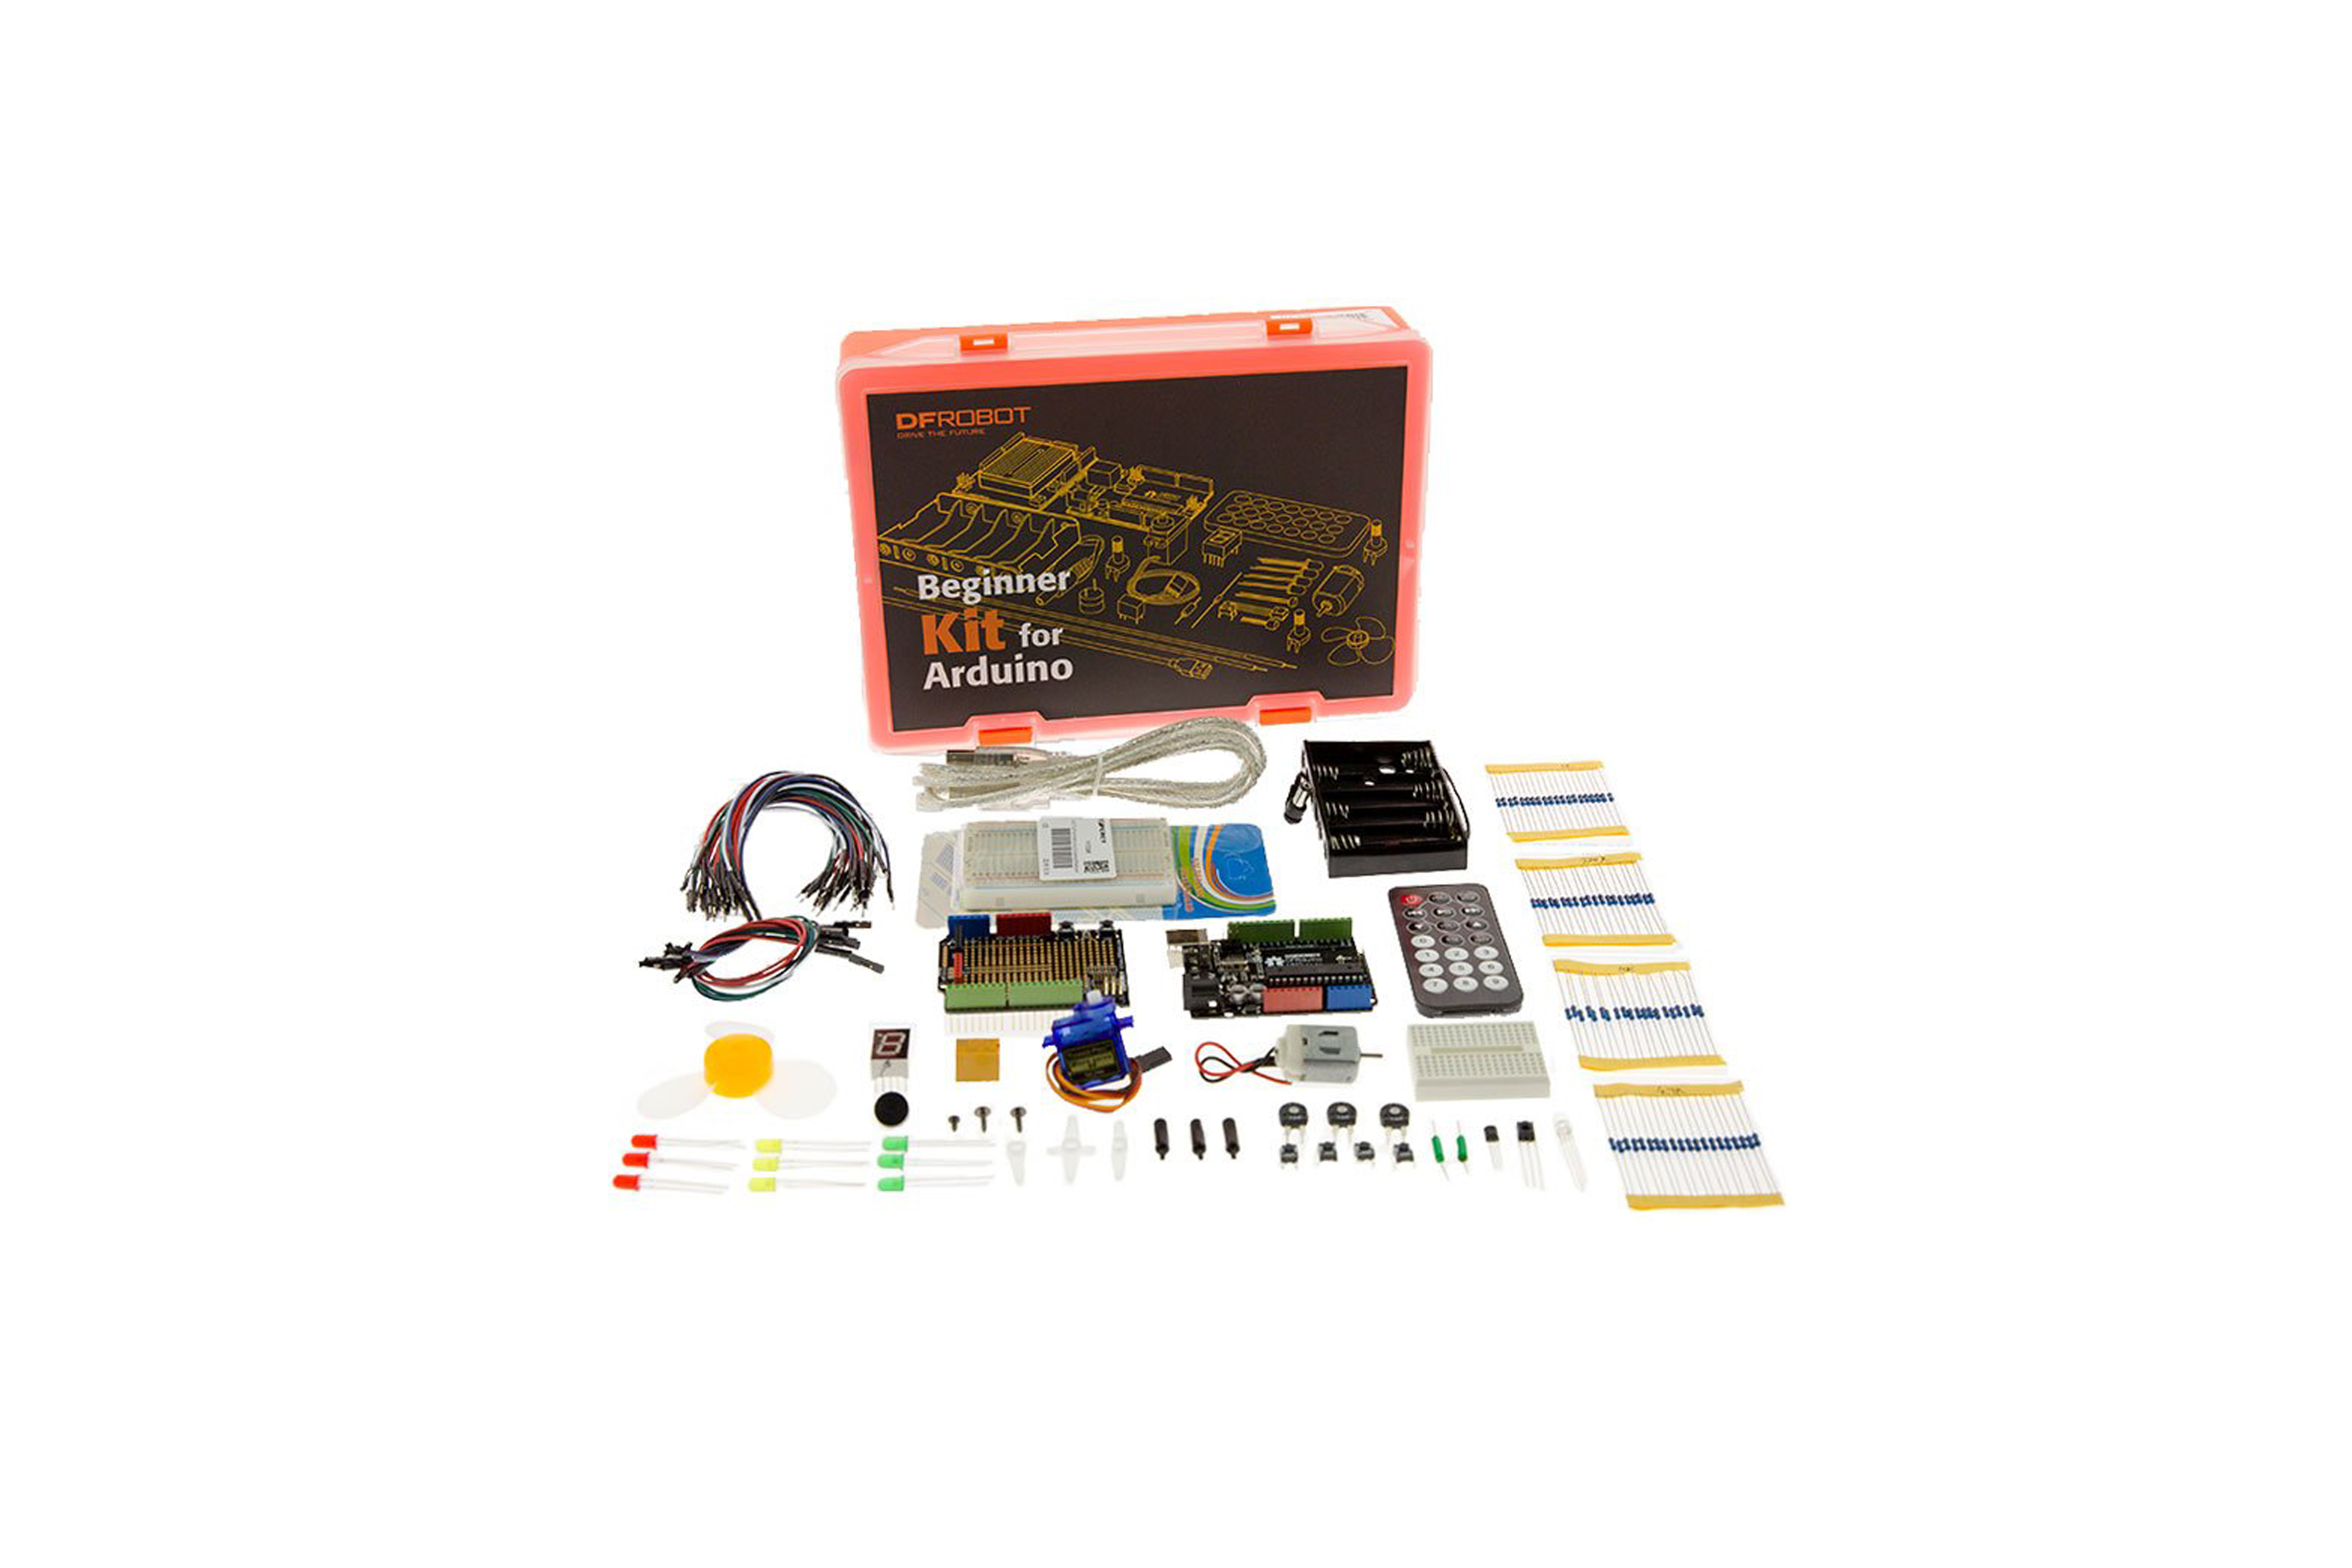 Arduino Kit per principianti conDFRduino Uno R3